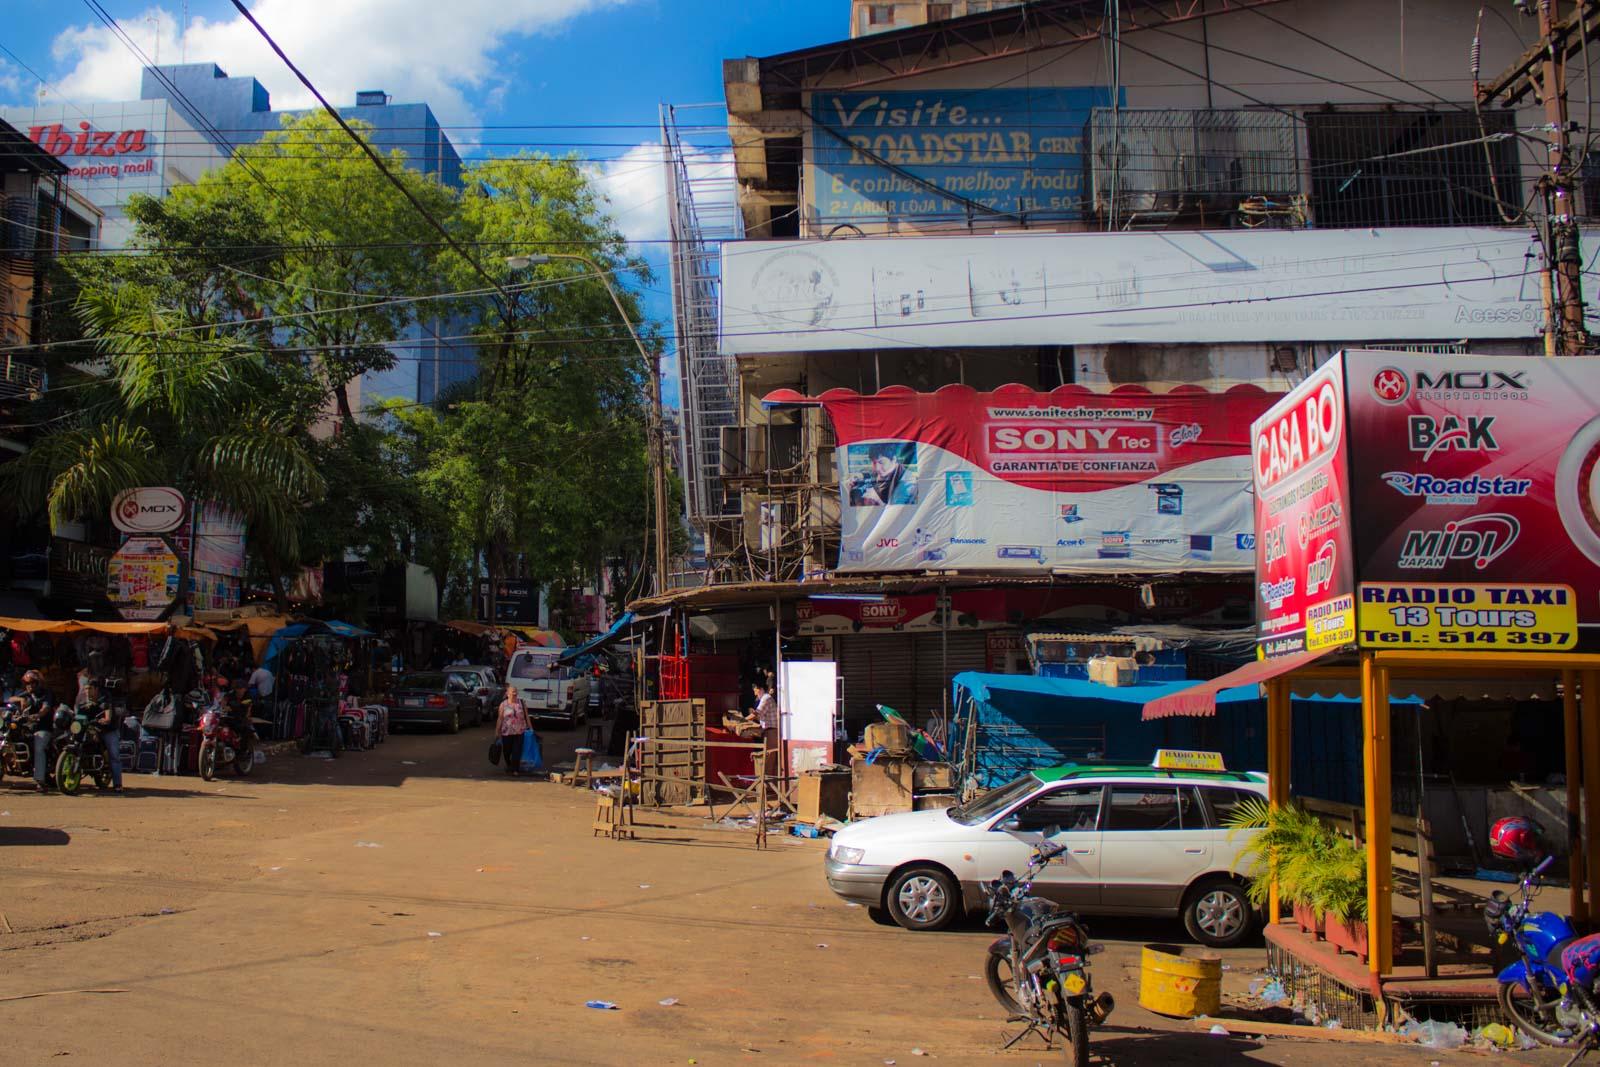 Visiting Ciudad del Este in Paraguay